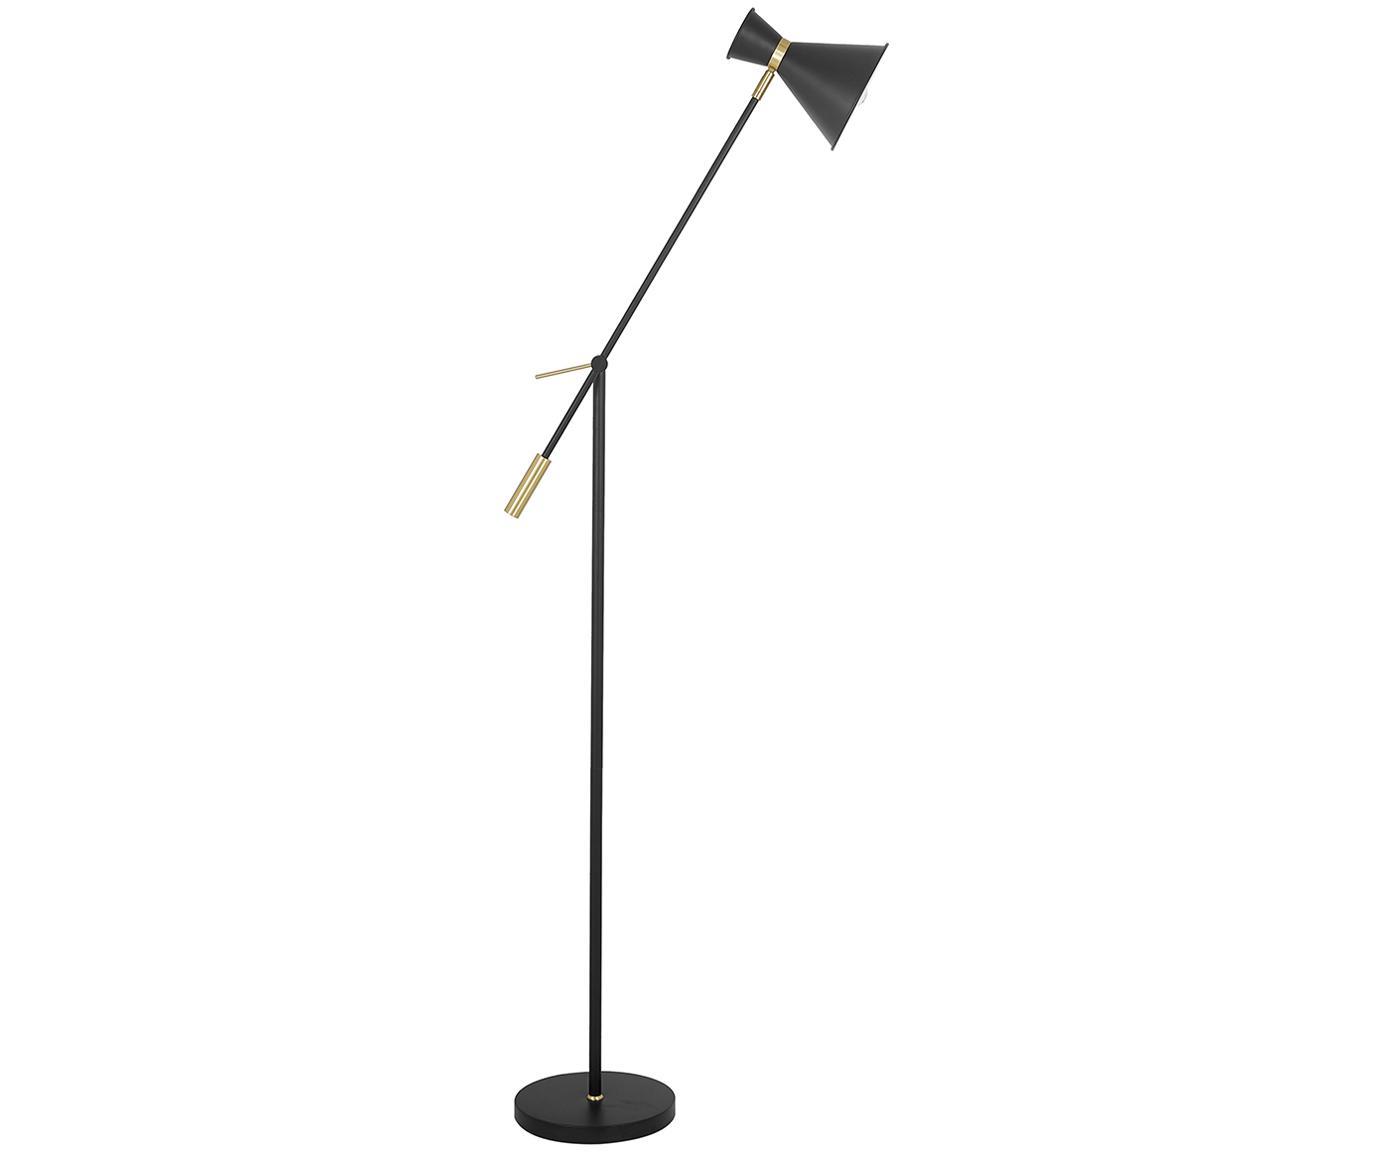 Lámpara de pie Audrey, estilo escandinavo, Pantalla: metal con pintura en polv, Cable: cubierto en tela, Negro mate, Ø 18 x Al 145 cm